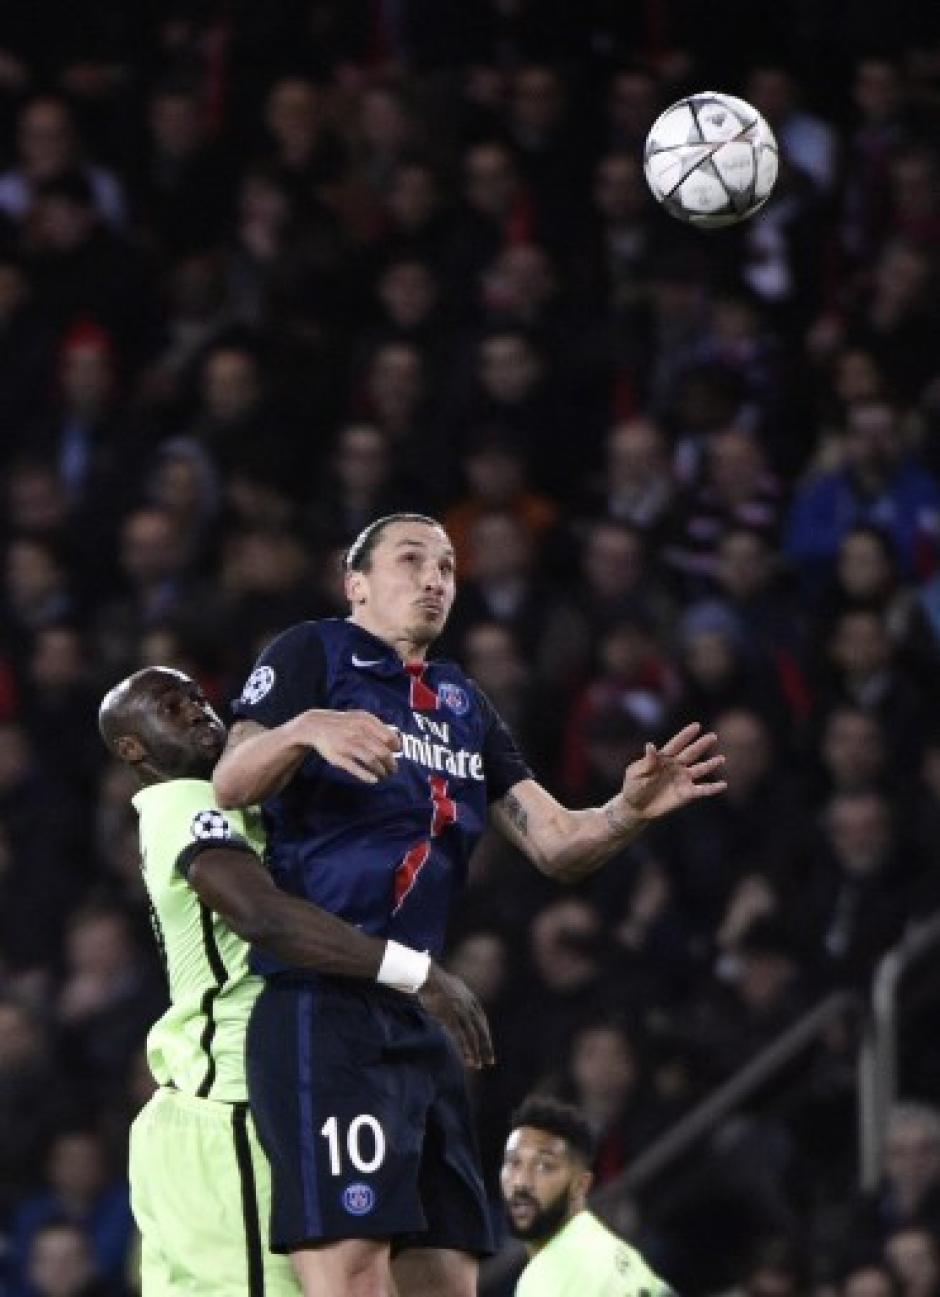 El próximo martes se jugará el partido de vuelta en Inglaterra. (Foto: AFP)